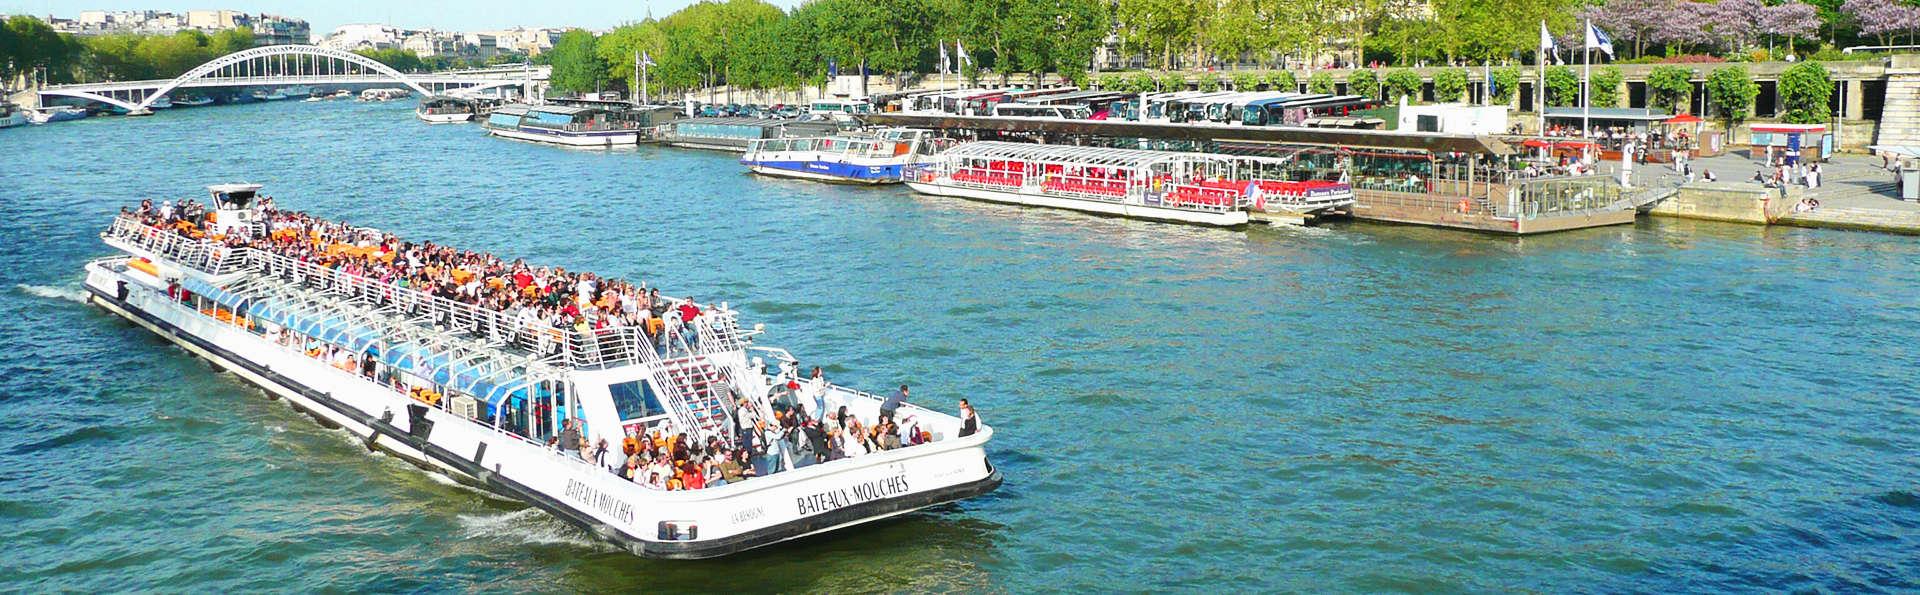 Enchantement et découverte de Paris au fil de l'eau